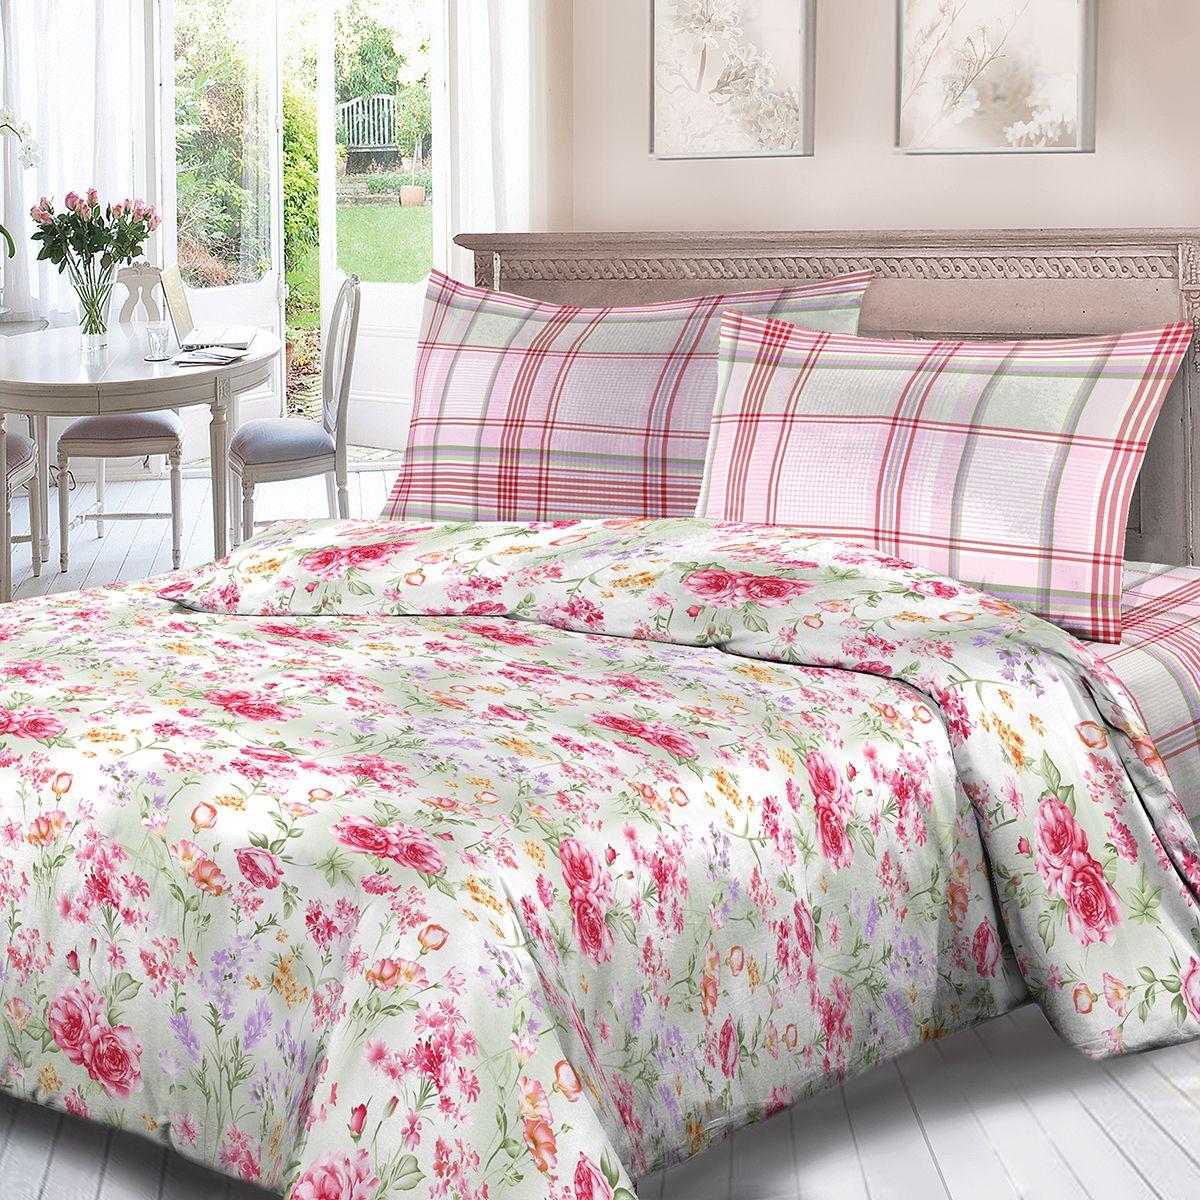 Комплект белья Для Снов Аннет, 1,5 спальное, наволочки 70x70, цвет: розовый. 3599-186486